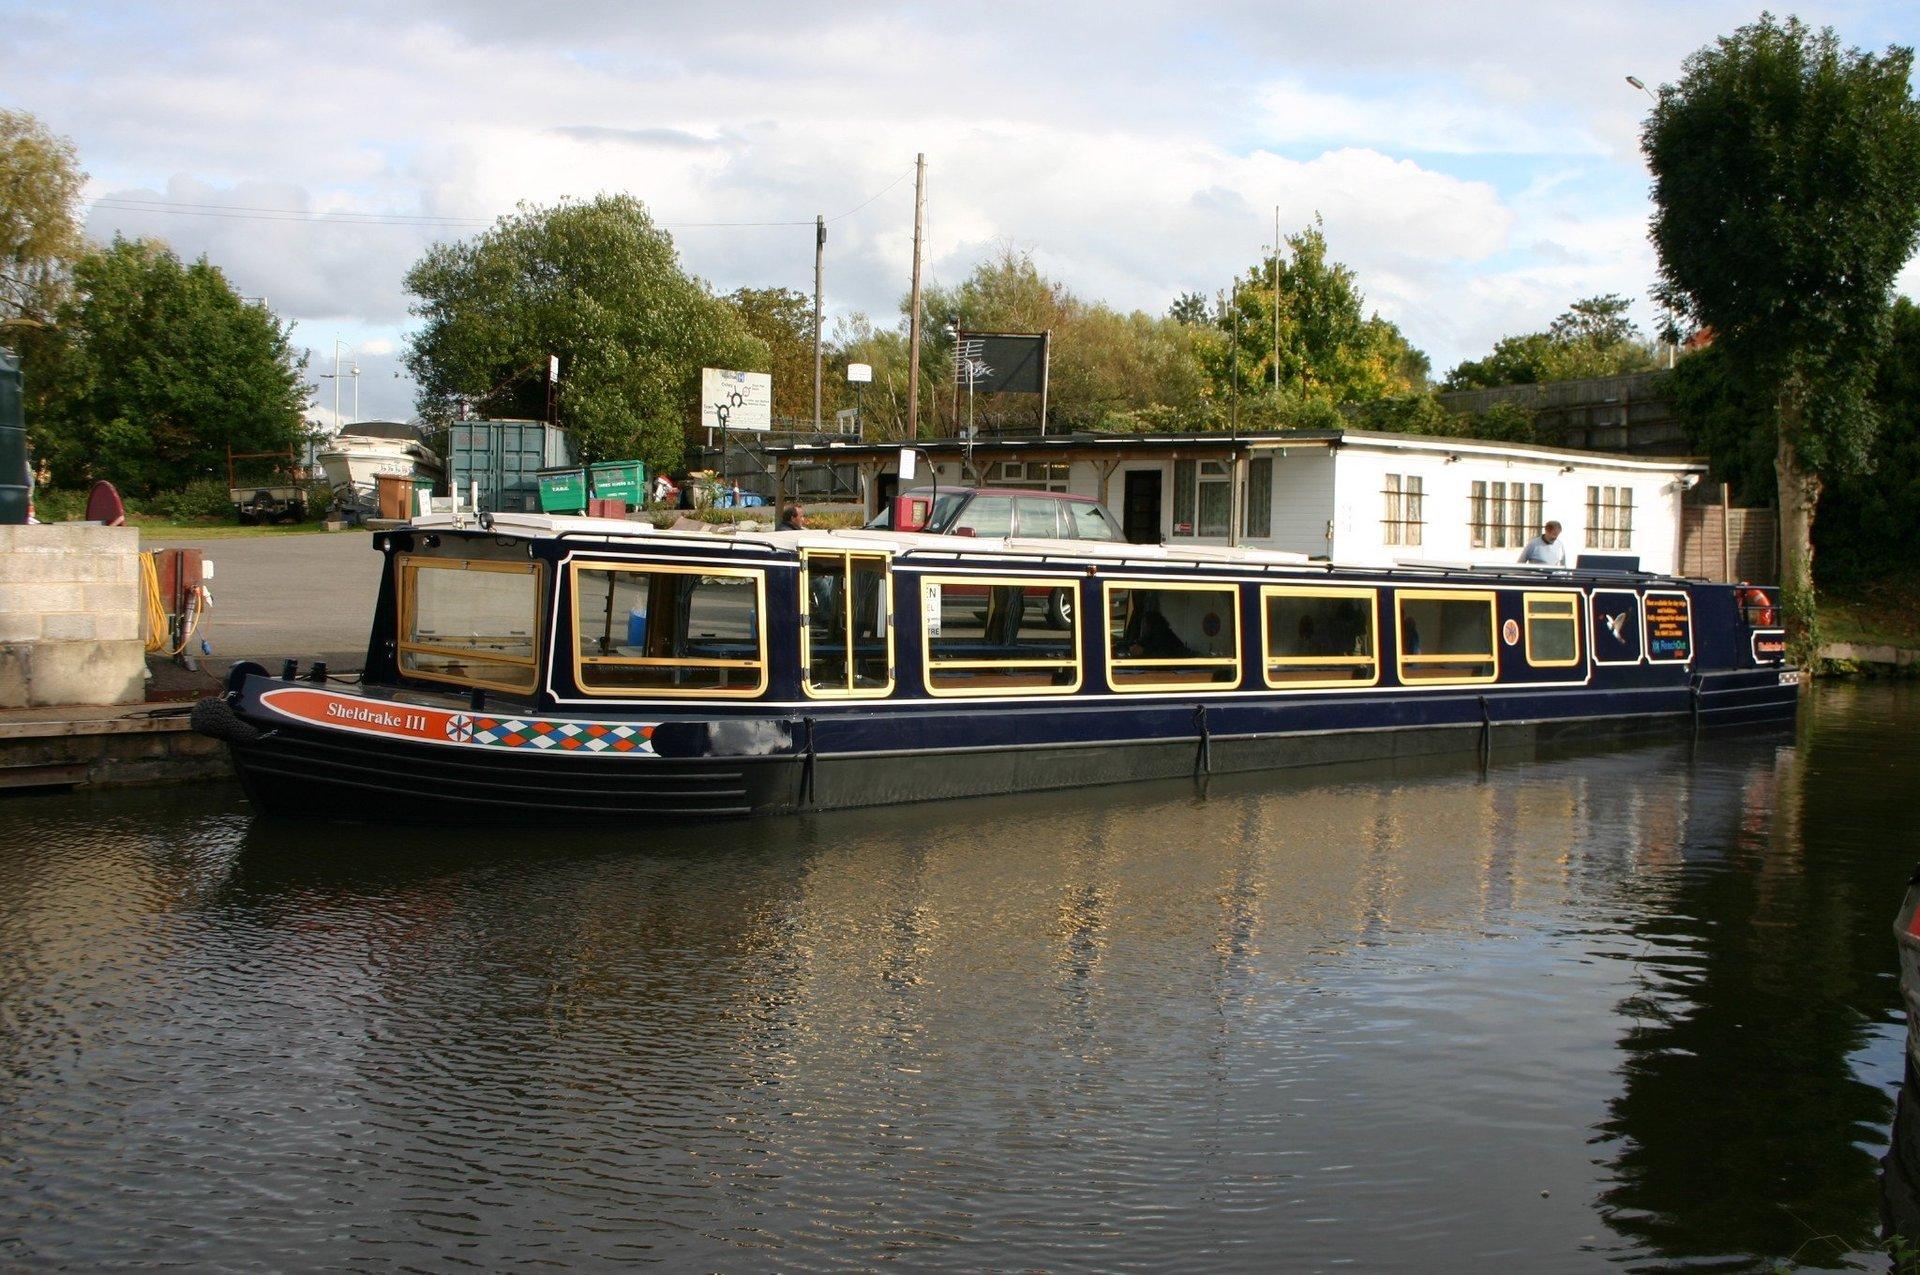 a trip boat